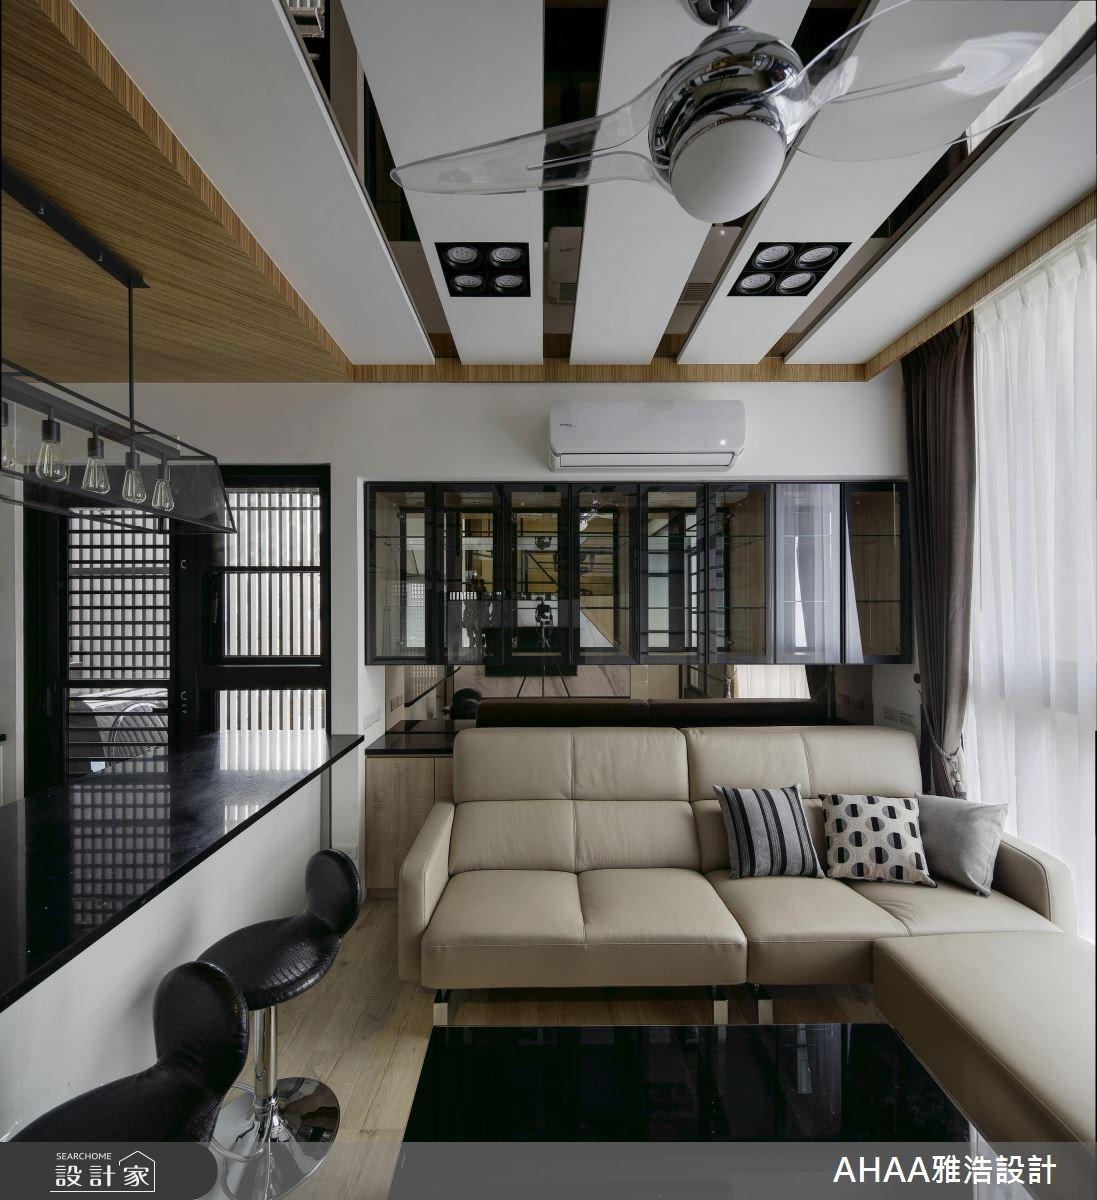 12坪新成屋(5年以下)_現代風客廳吧檯案例圖片_雅浩設計有限公司_雅浩_15之4